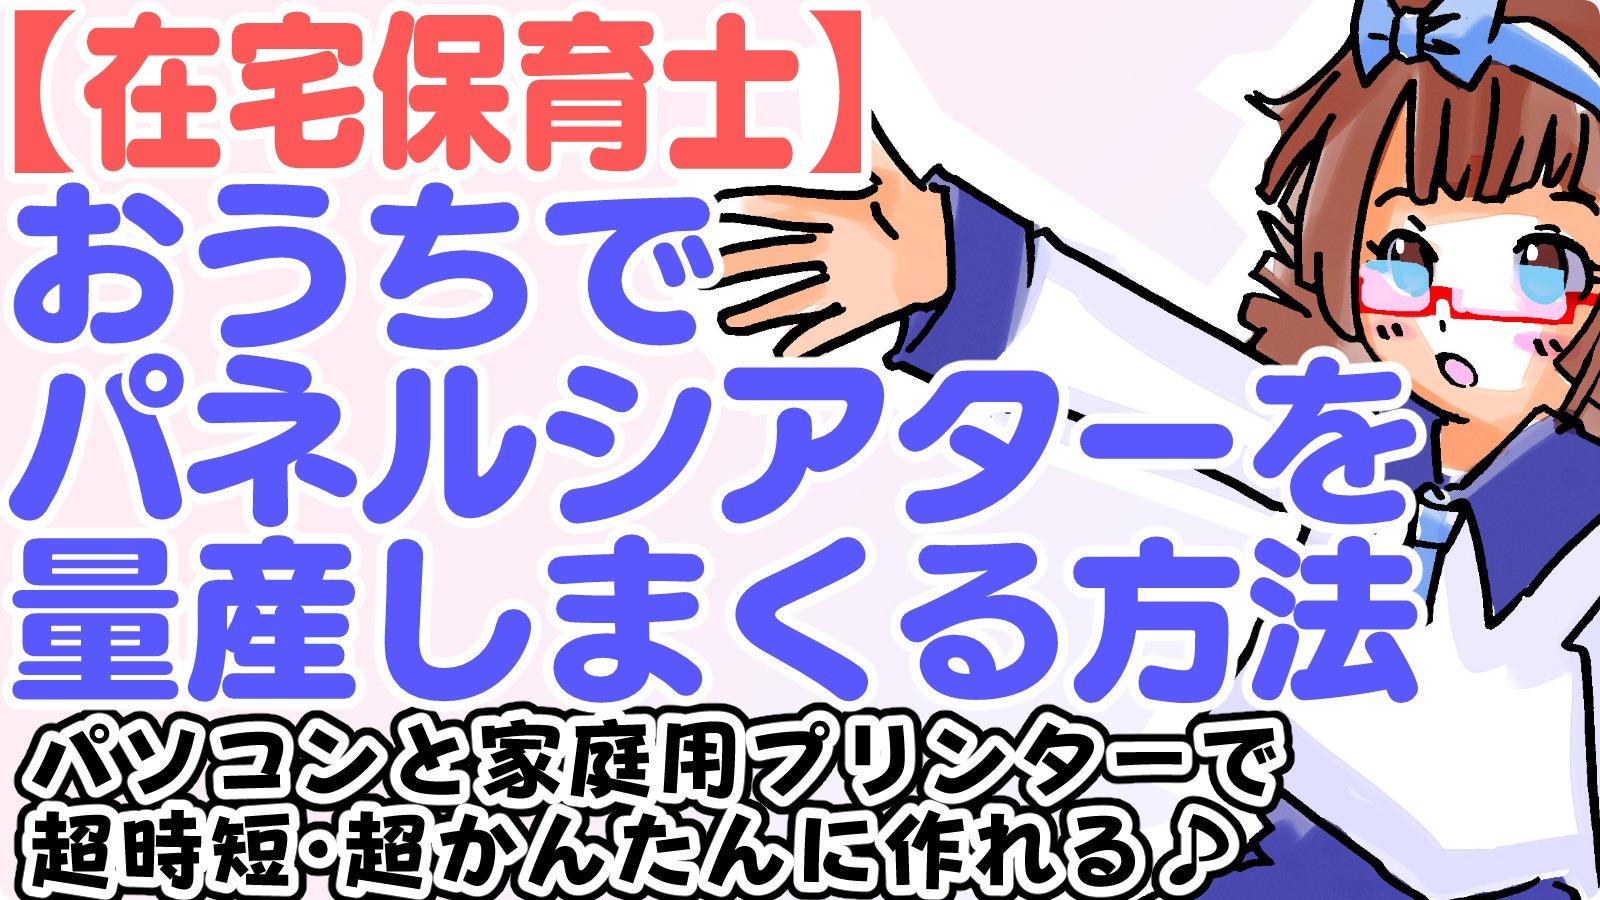 【在宅保育士】おうちでパネルシアターを量産する方法|パソコンで印刷して切り取るだけ♪